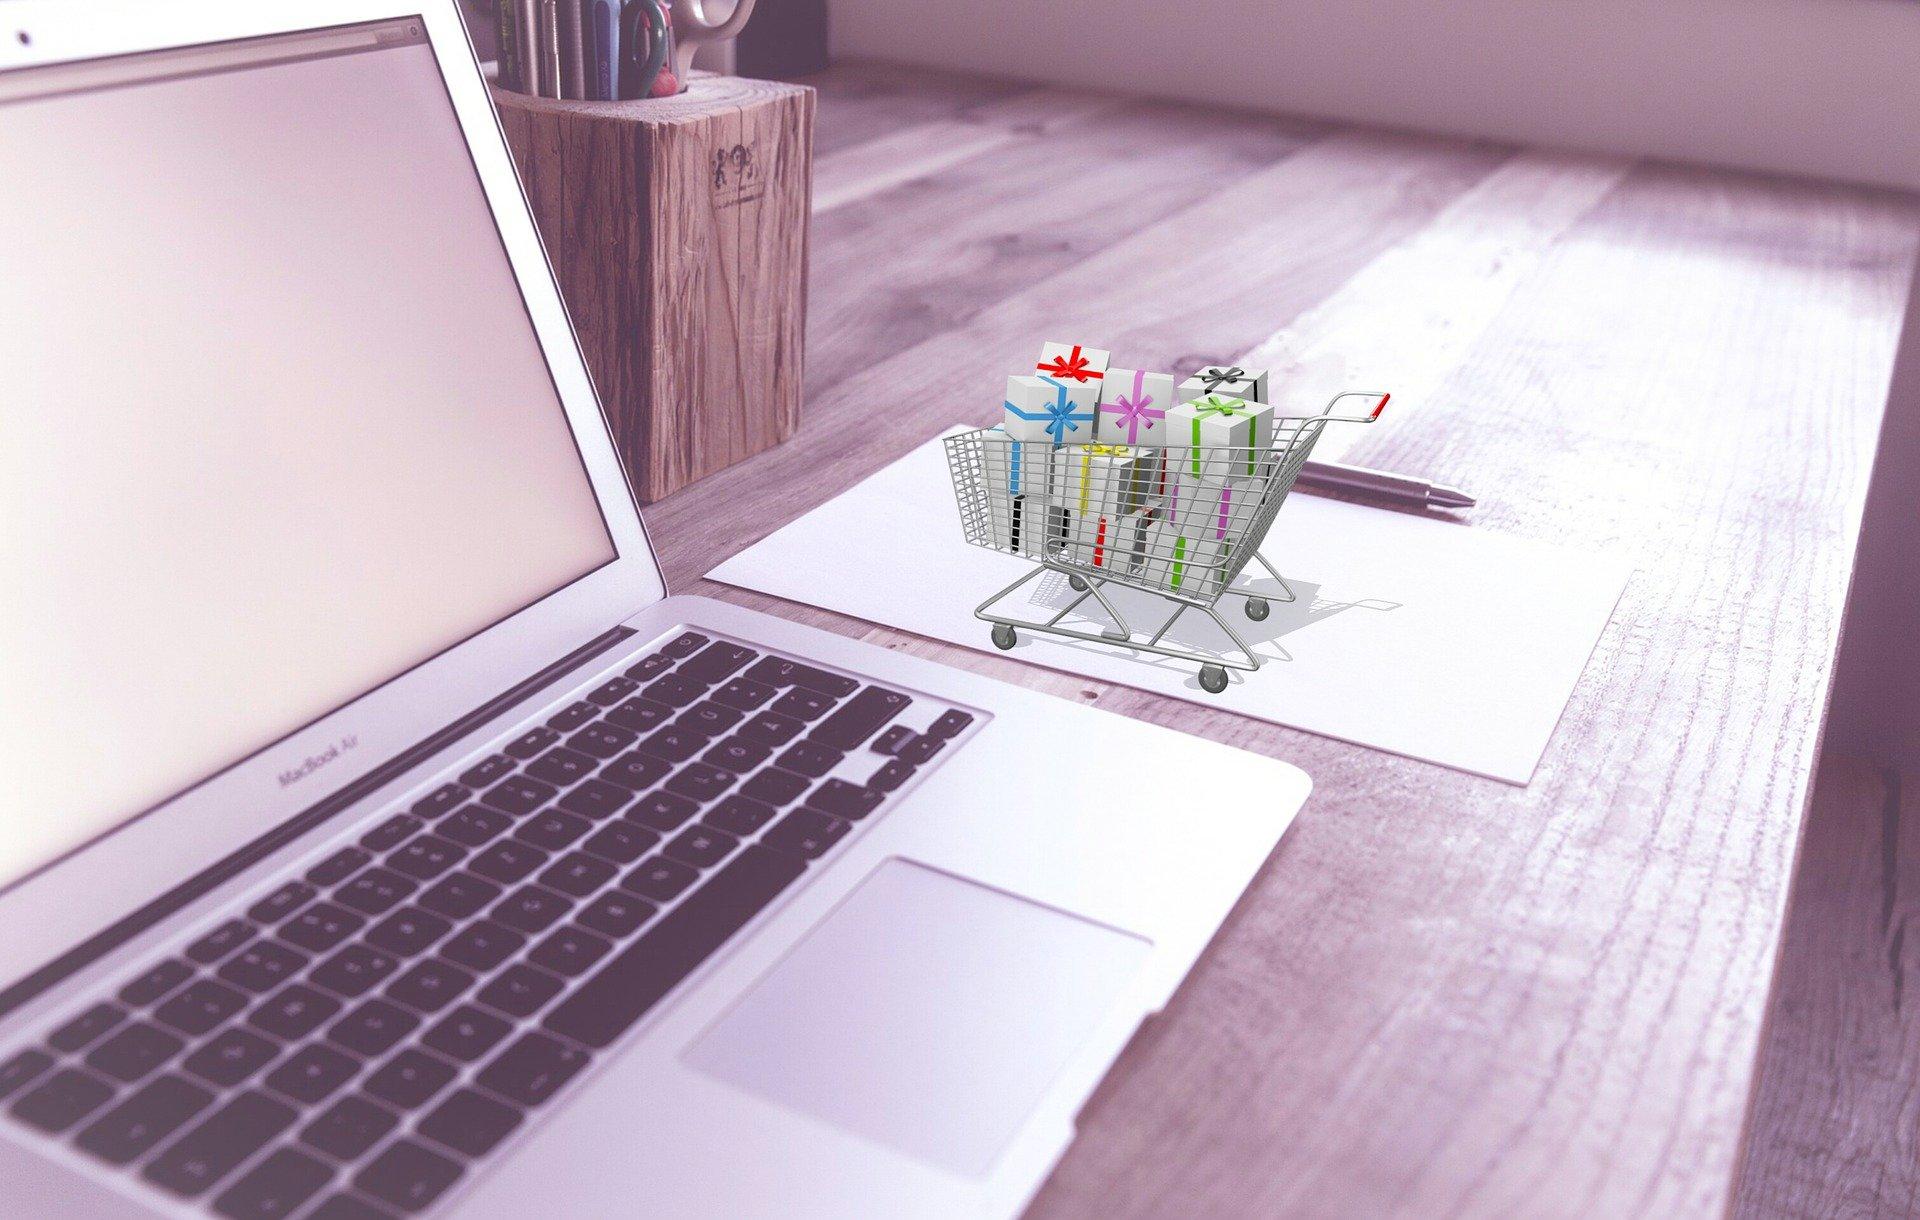 Personalización De Las E-commerce: Una Tendencia Con Impacto Positivo En Las Ventas